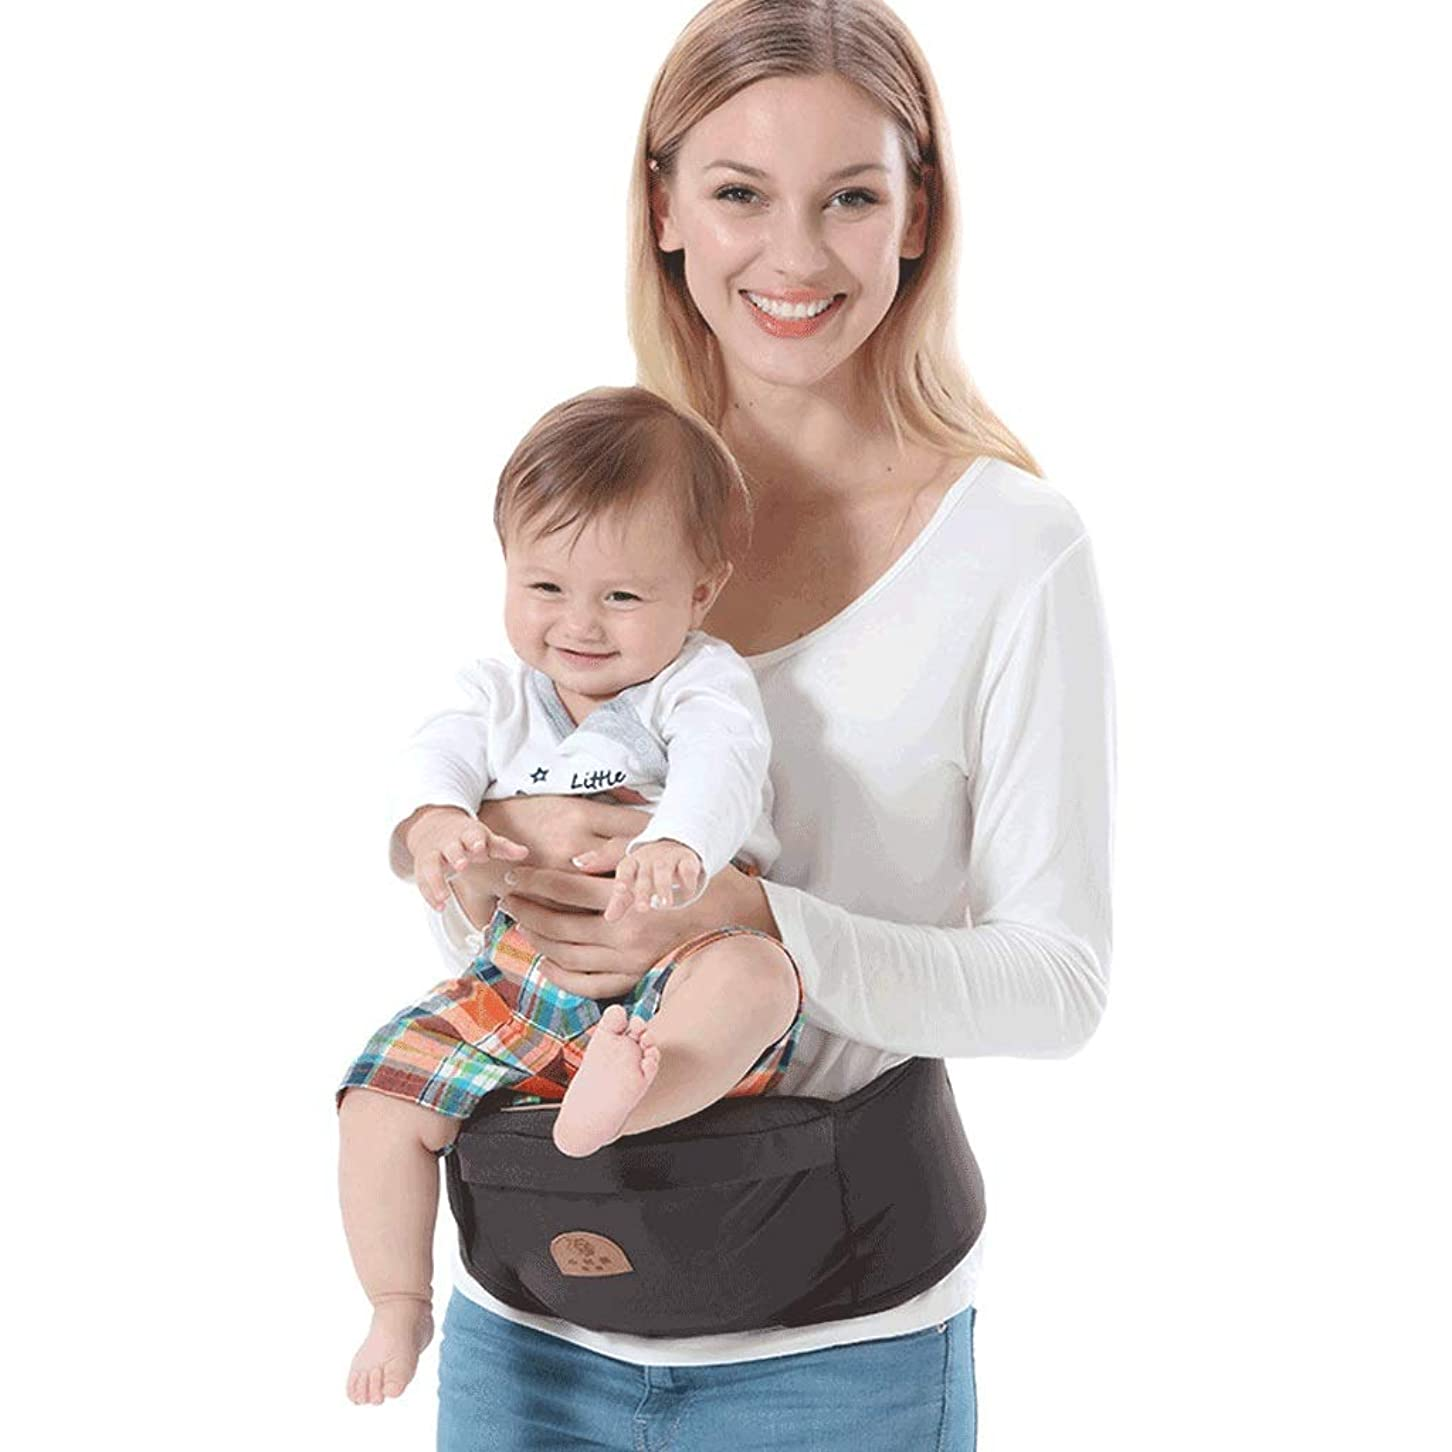 踊り子脆い一致多機能ベビーウエストスツール、ベビーシートスツール付きベビーベルト四季普遍的な綿通気性、0-36ヶ月重量20キログラム